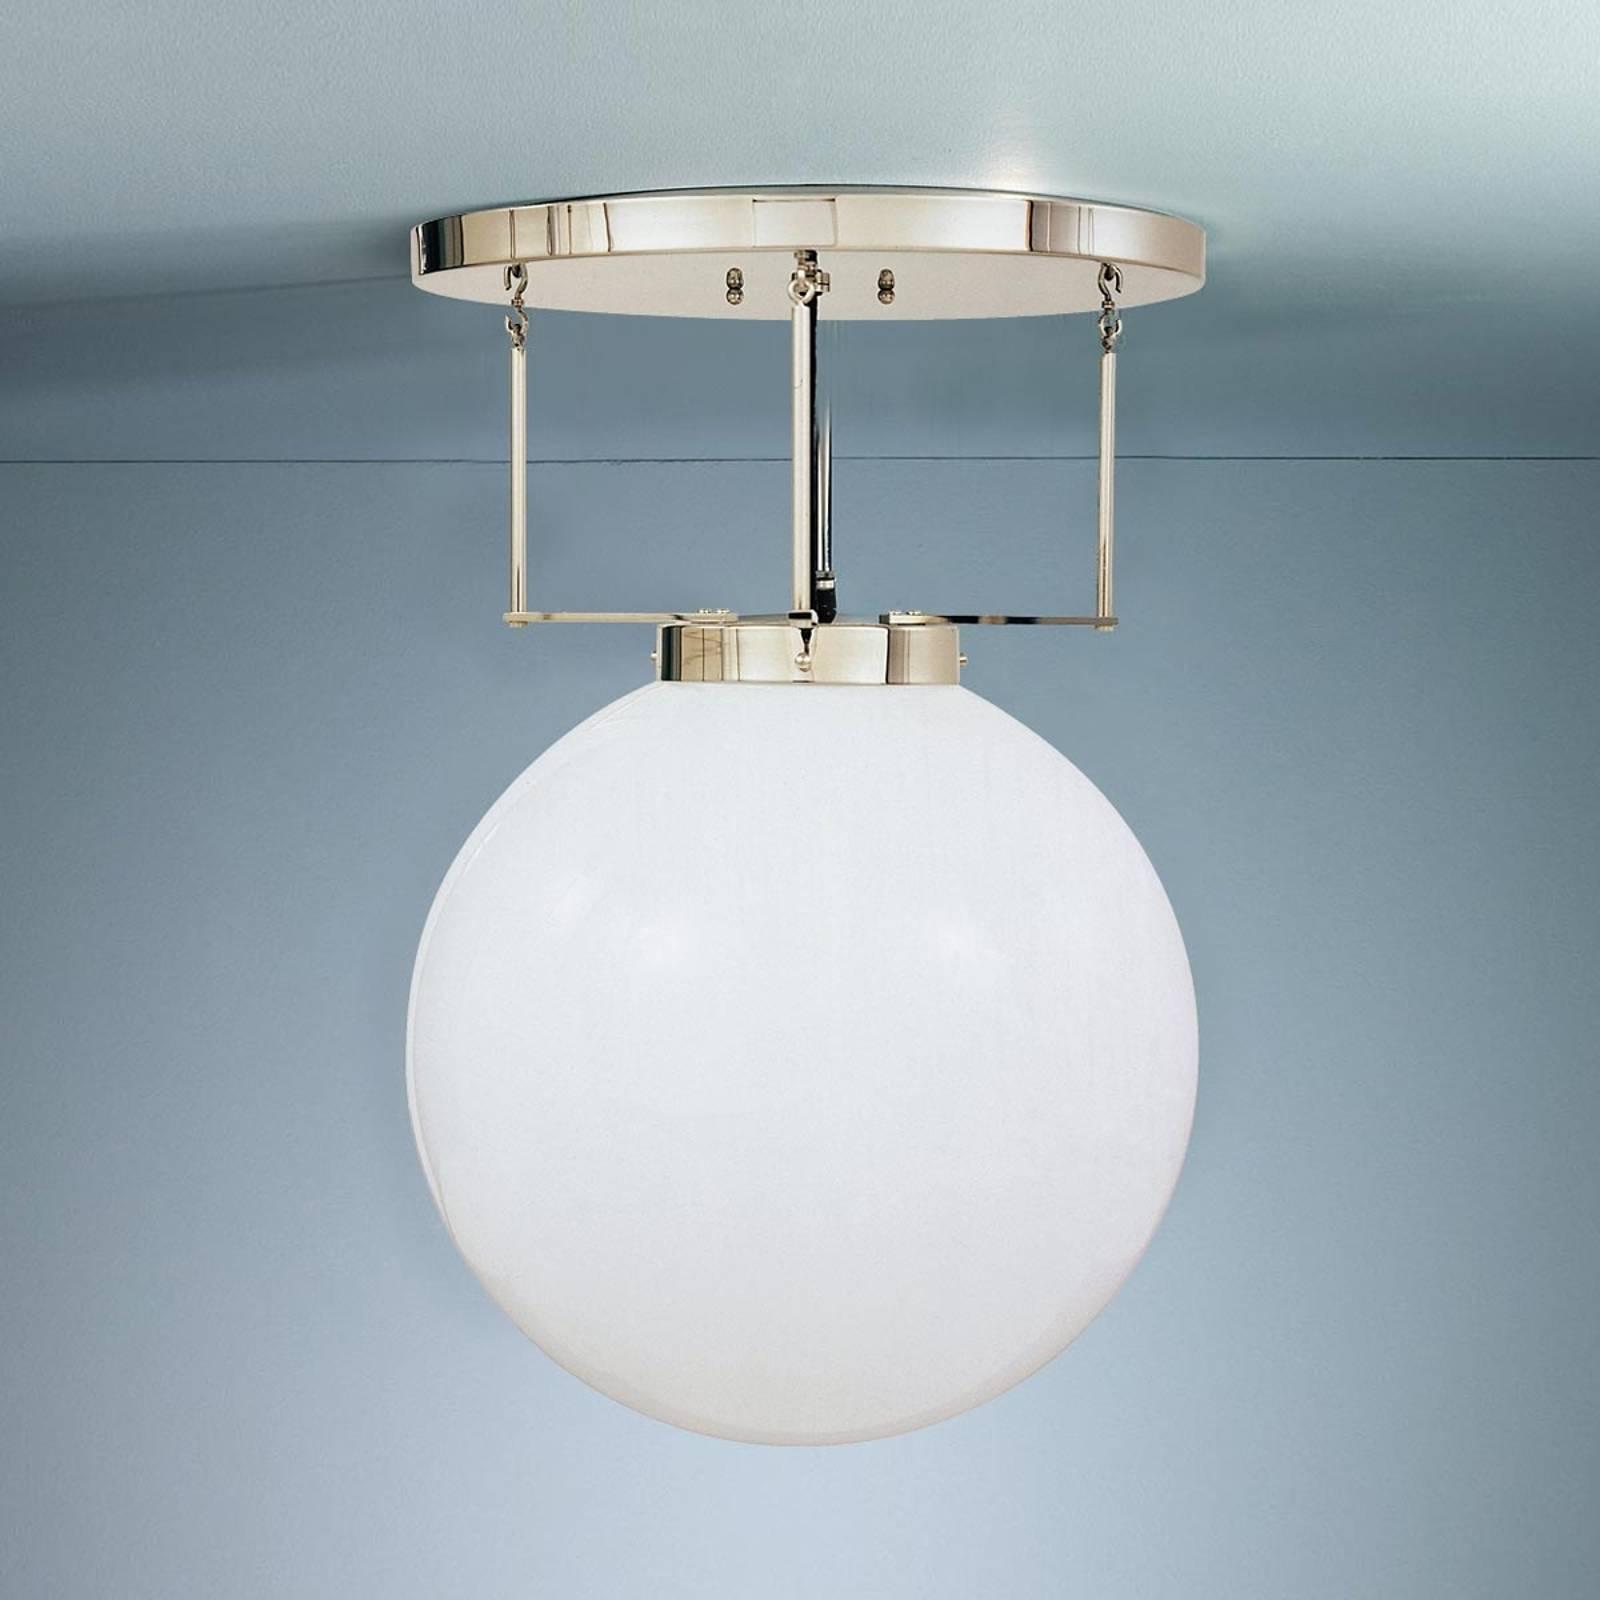 deckenlampen und andere lampen von tecnolumen online kaufen bei m bel garten. Black Bedroom Furniture Sets. Home Design Ideas